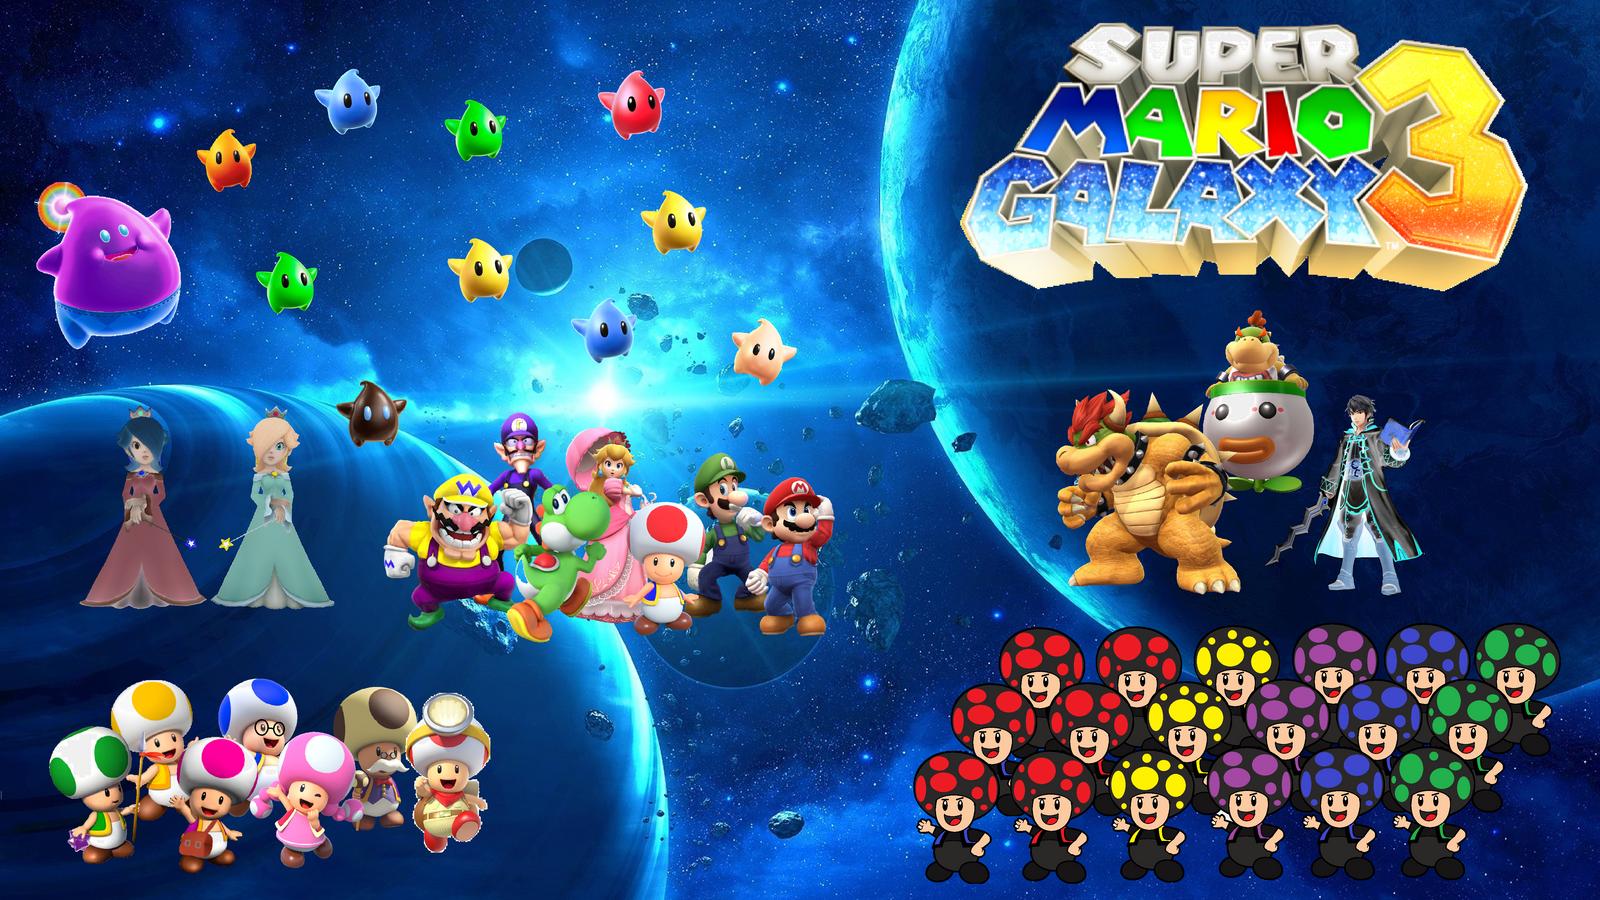 Super Mario Galaxy 3